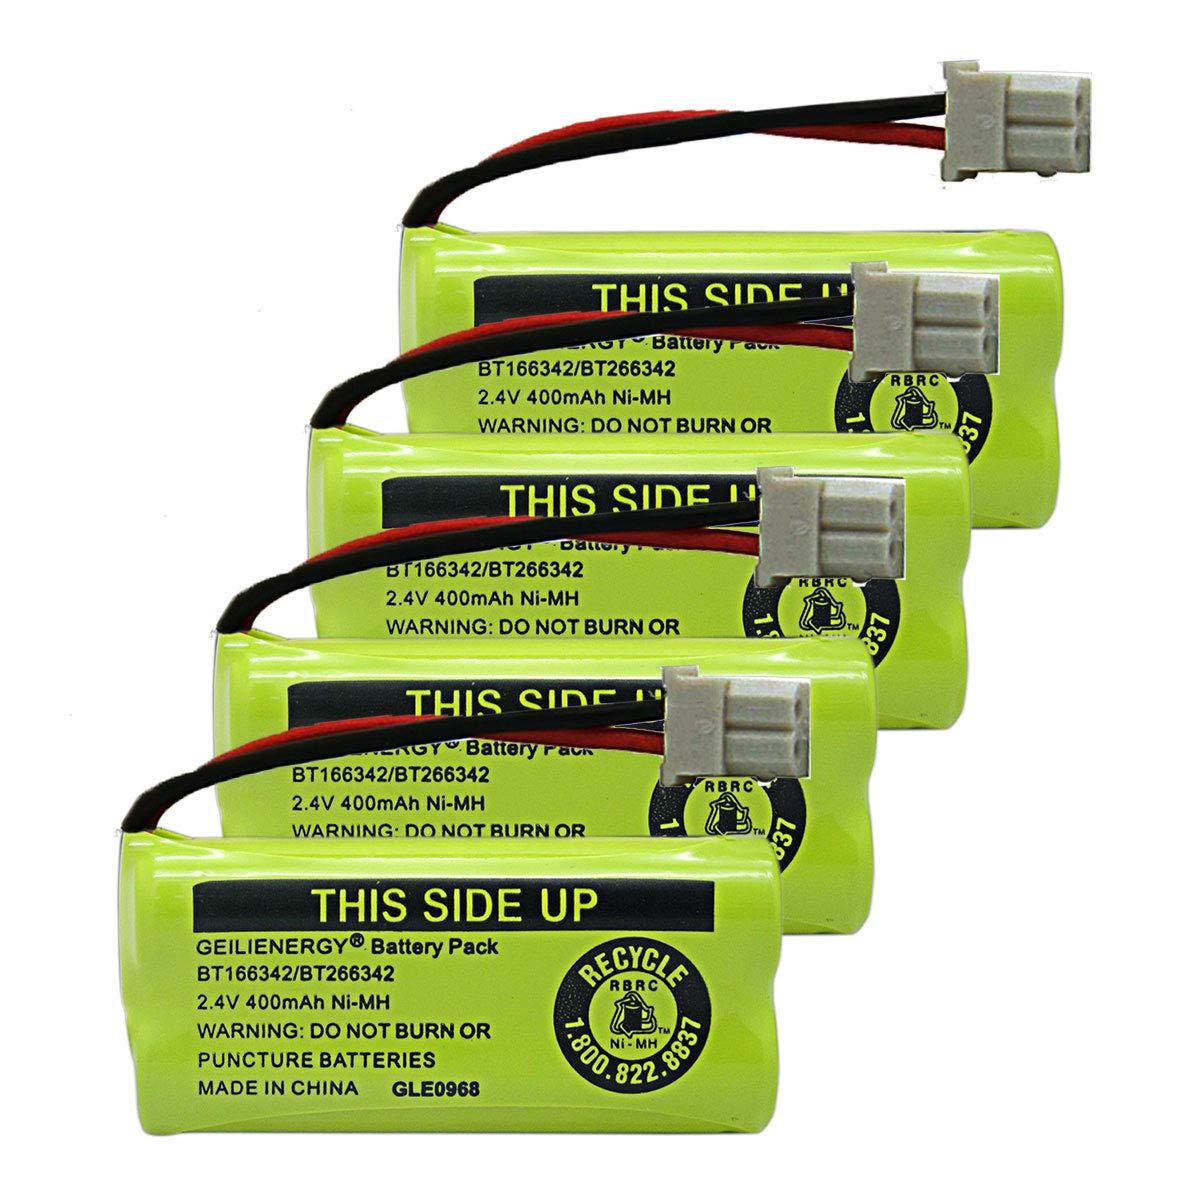 Geilienergy BT183342 BT283342 BT166342 BT266342 BT162342 BT262342 Battery Compatible with VTech CS6114 CS6419 CS6719 at&T EL52300 CL80112 VTech CS6719-2 Cordless Handsets (Pack of 4)